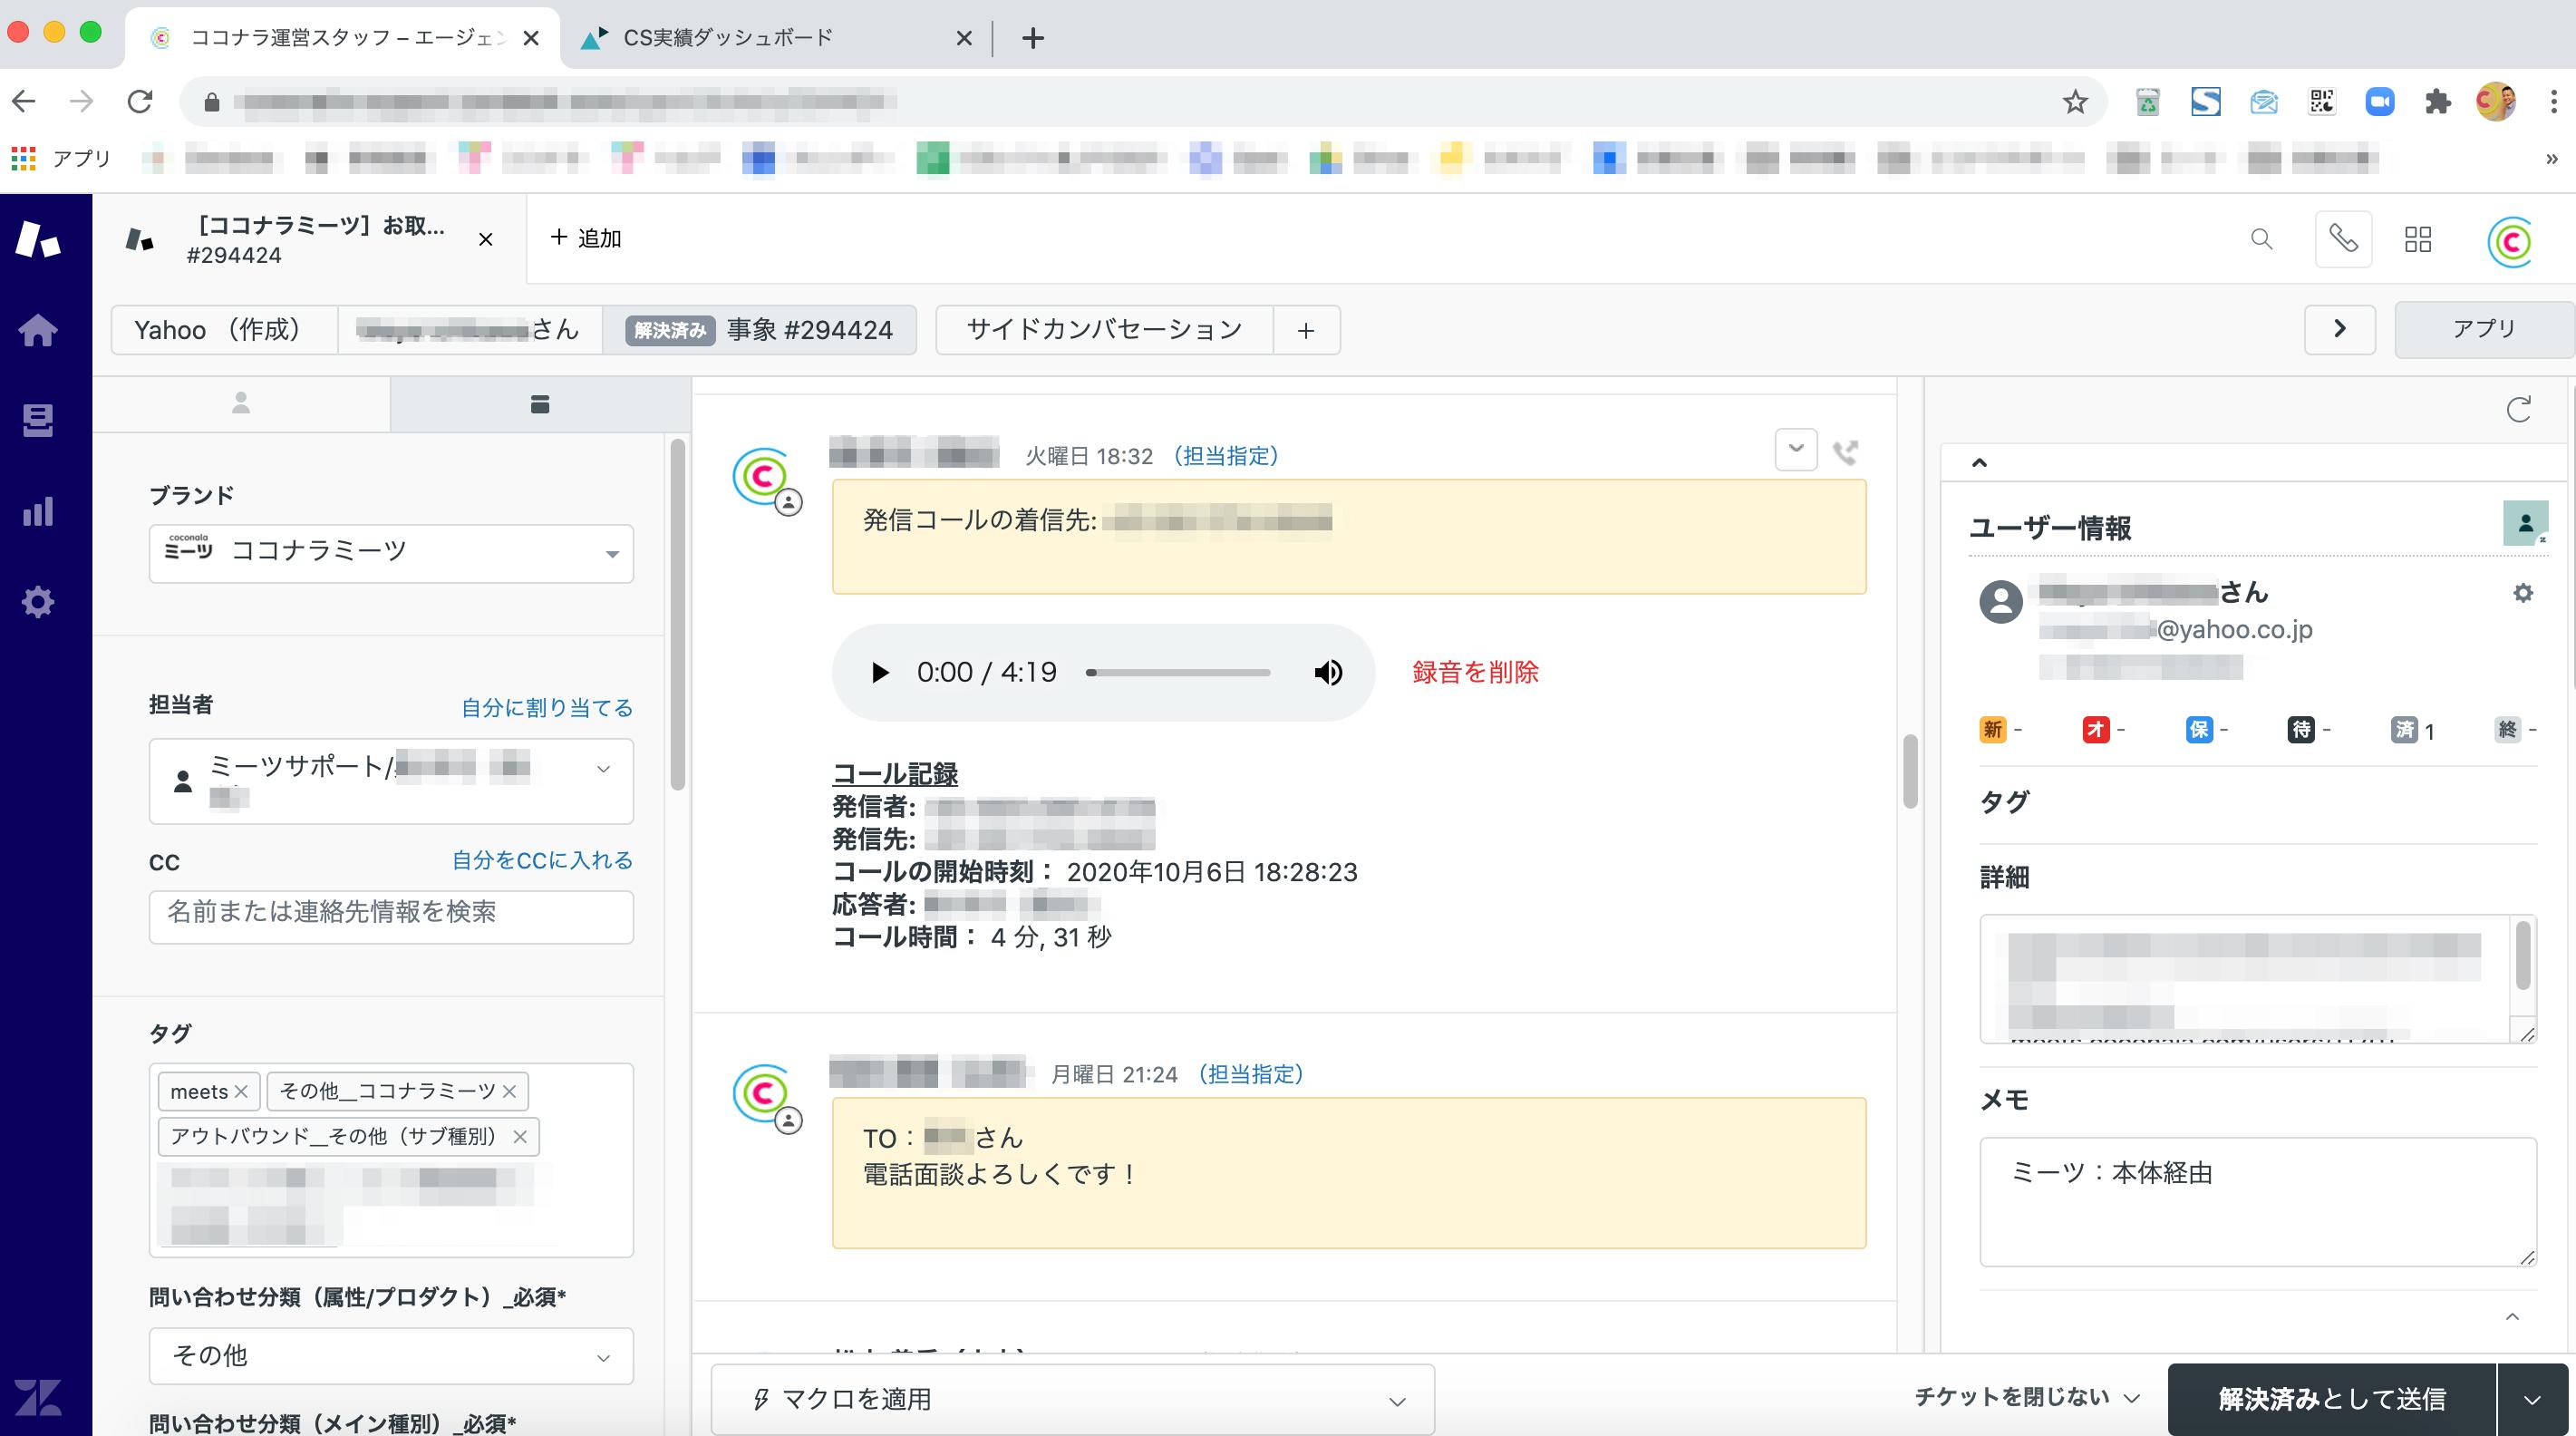 Zendesk Talkの使用画面例:<br />ネットワーク経由での電話対応が可能なため、在宅勤務にも柔軟に対応。<br />コール内容が自動的に録音されるため、必要に応じて確認できる。